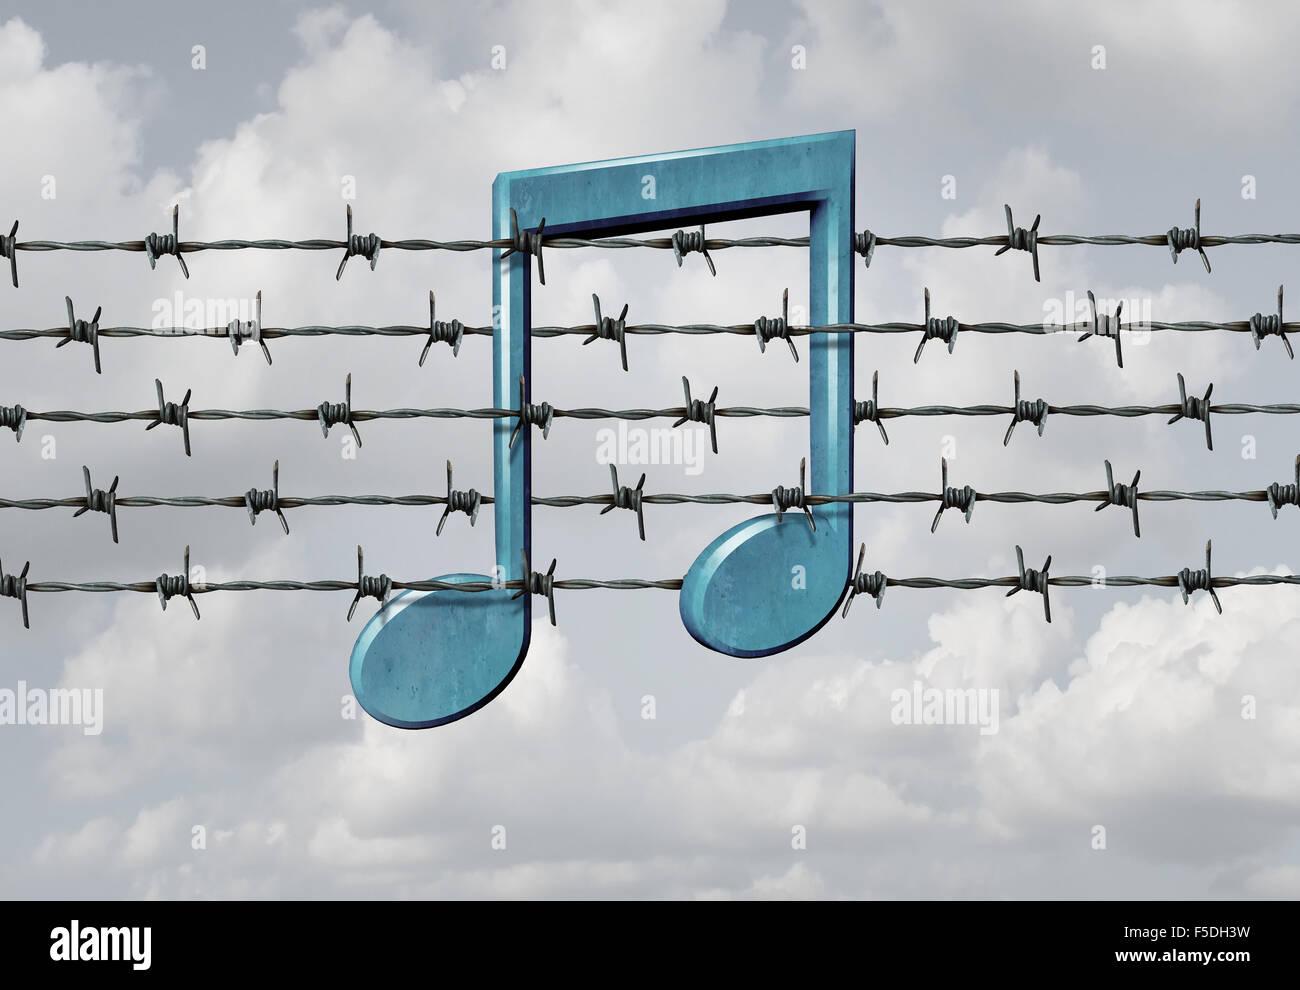 Medien Zensur Konzept Und Musik Einschrankung Symbol Als Eine